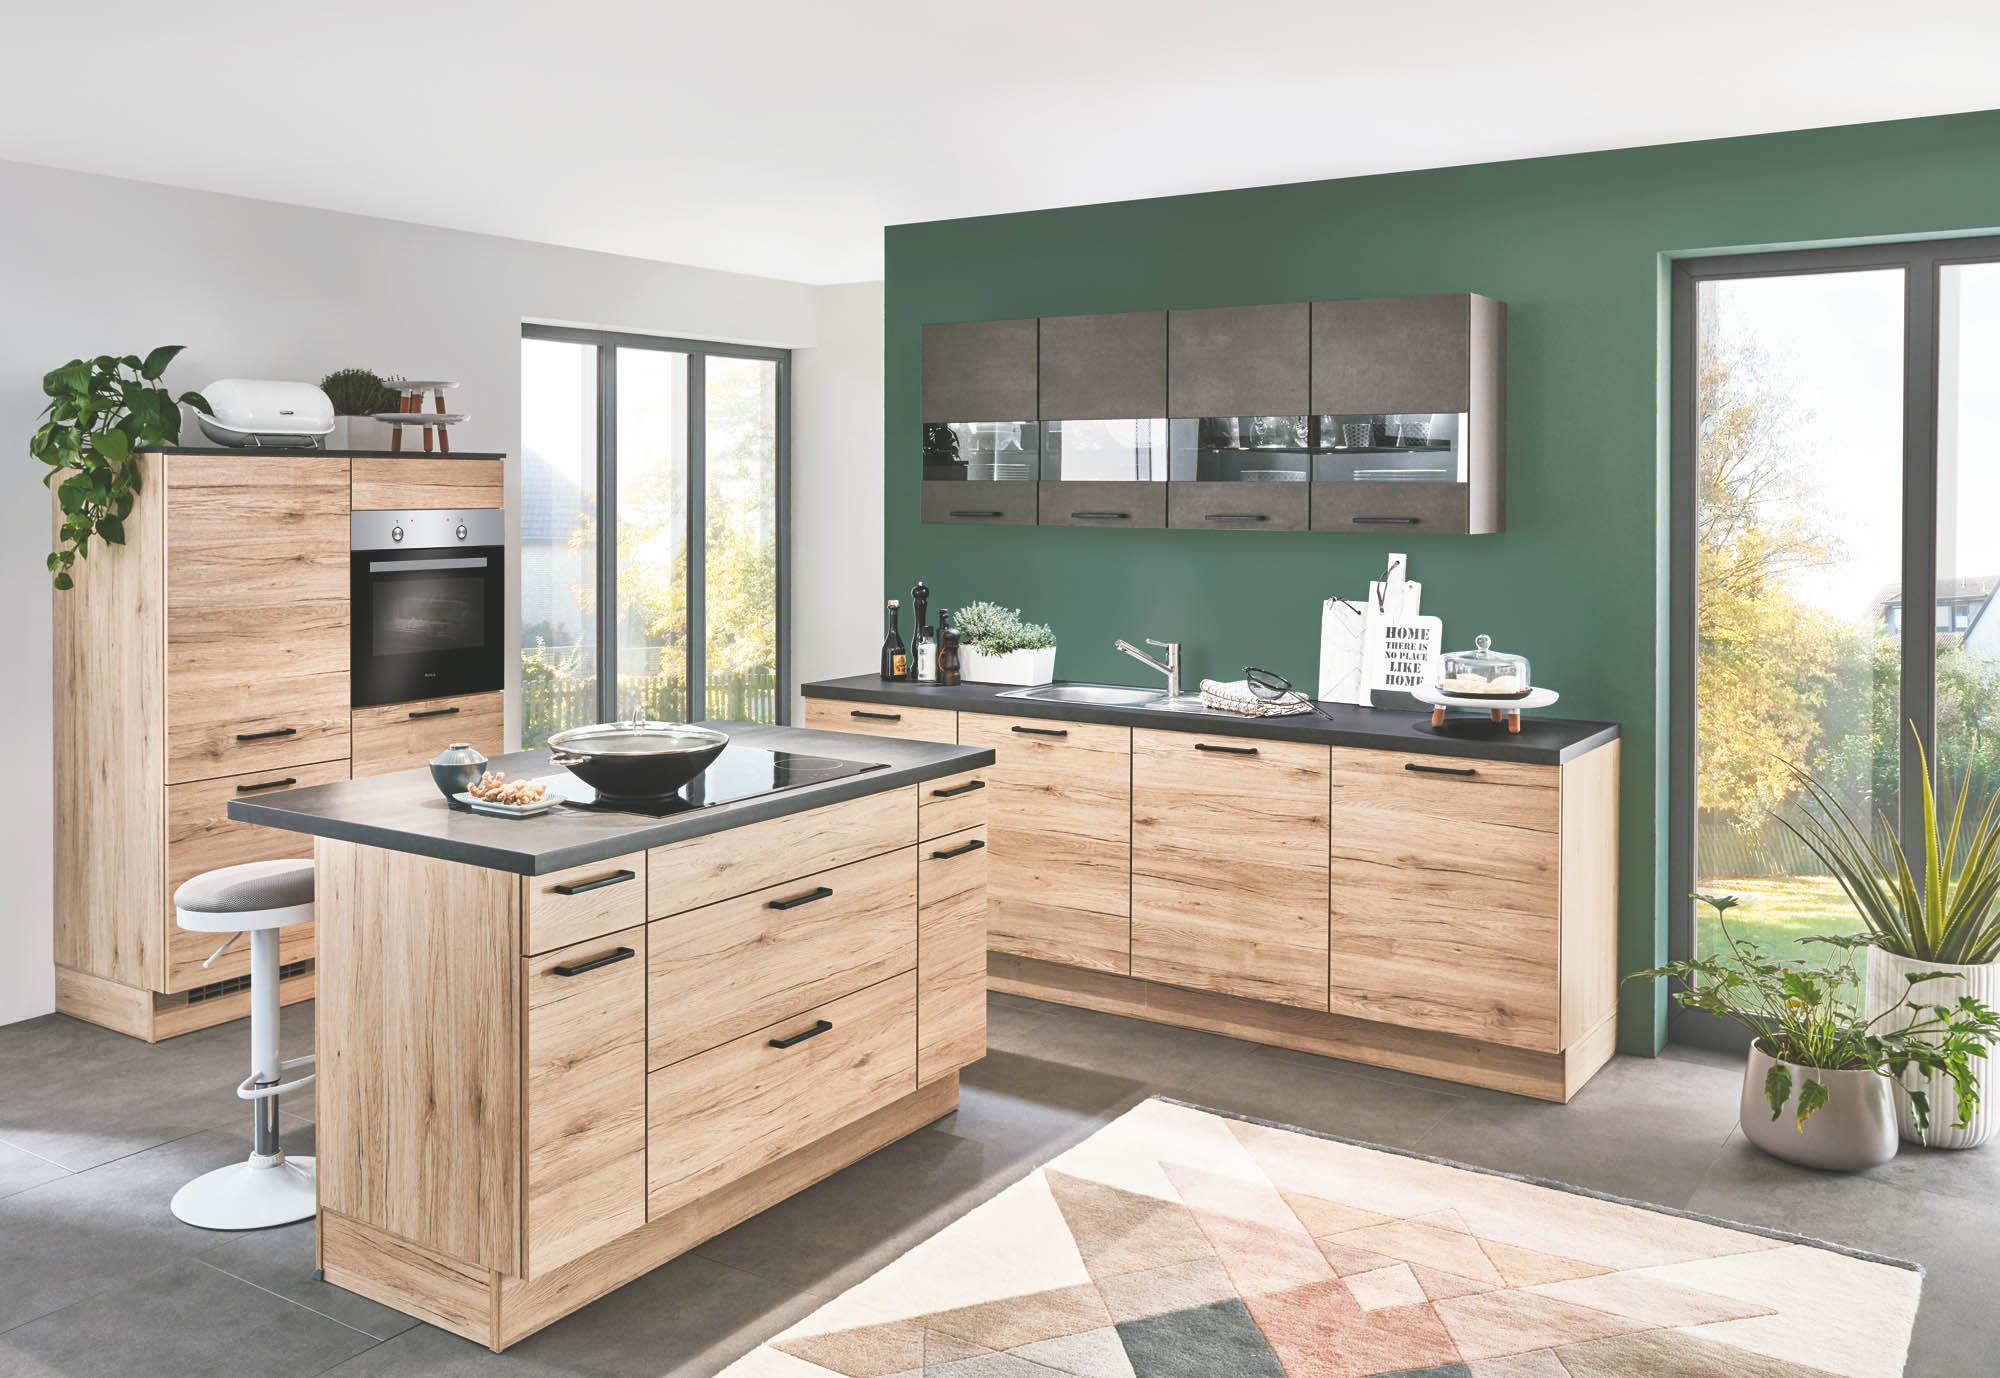 Full Size of Eichenholz Kche Mit Schwarzbeton Elementen Zeitloses Design Küchen Regal Wohnzimmer Küchen